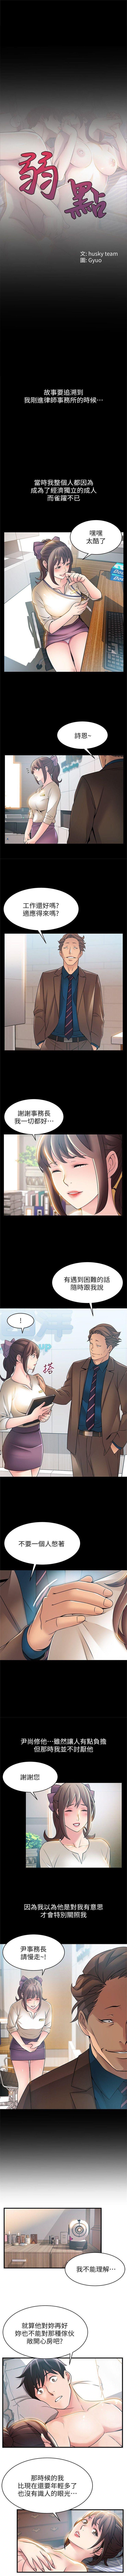 弱点 1-64 中文翻译(更新中) 134